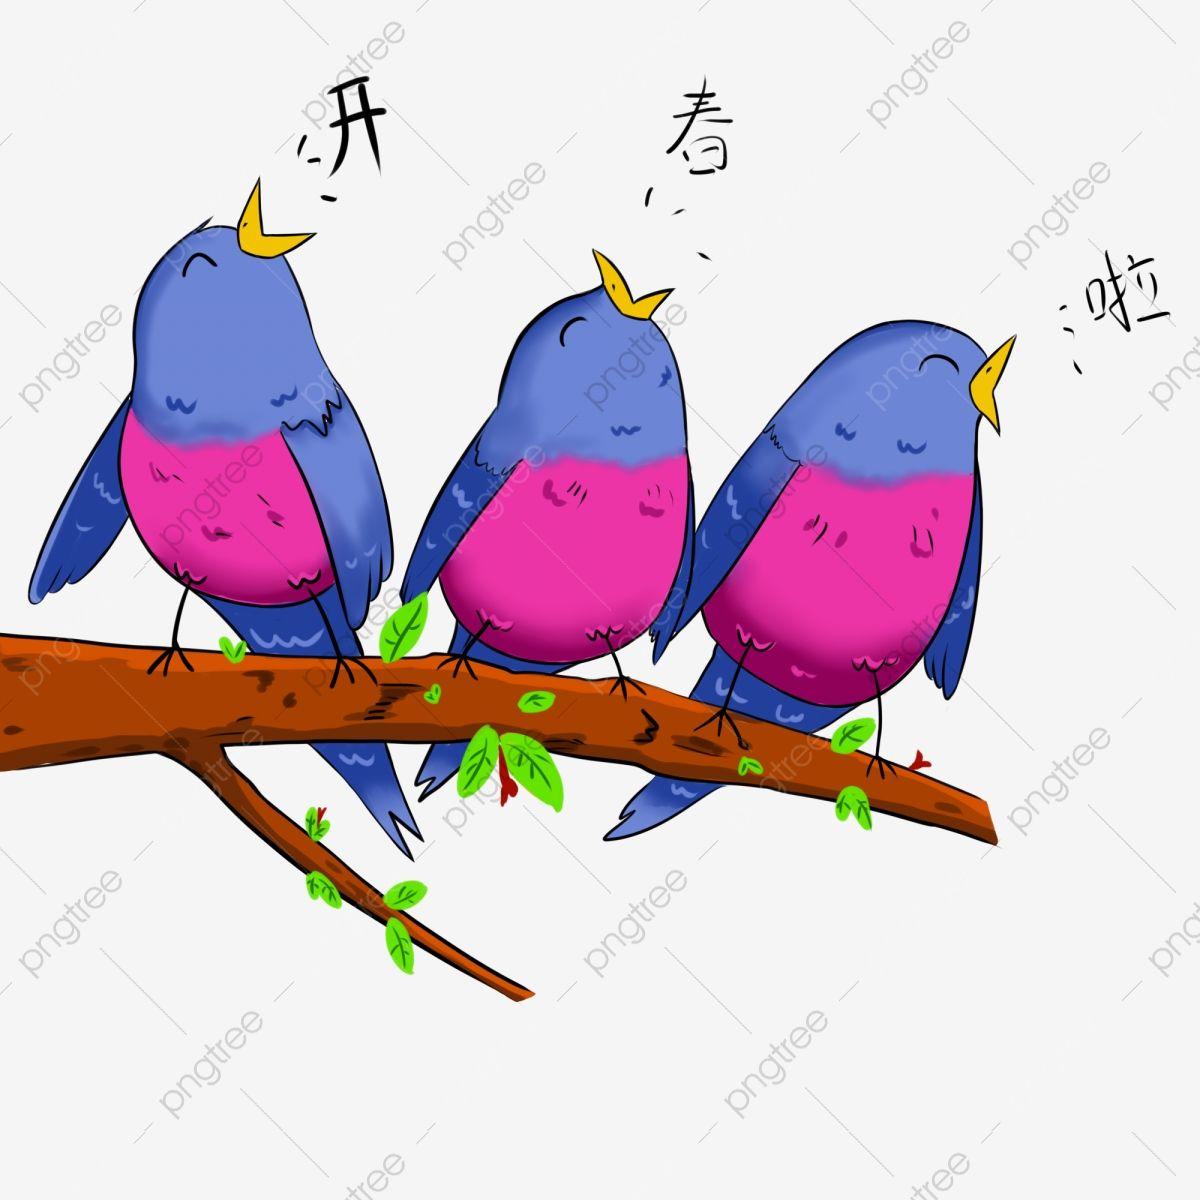 Pajaros Primaverales Pajaros Lindos Primavera Pajaros De Dibujos Animados Clipart De Aves Pajaros De Primavera Cute Birds Png Y Psd Para Descargar Gratis P Ilustracion De Ave Dibujos De Pajaro Dibujos